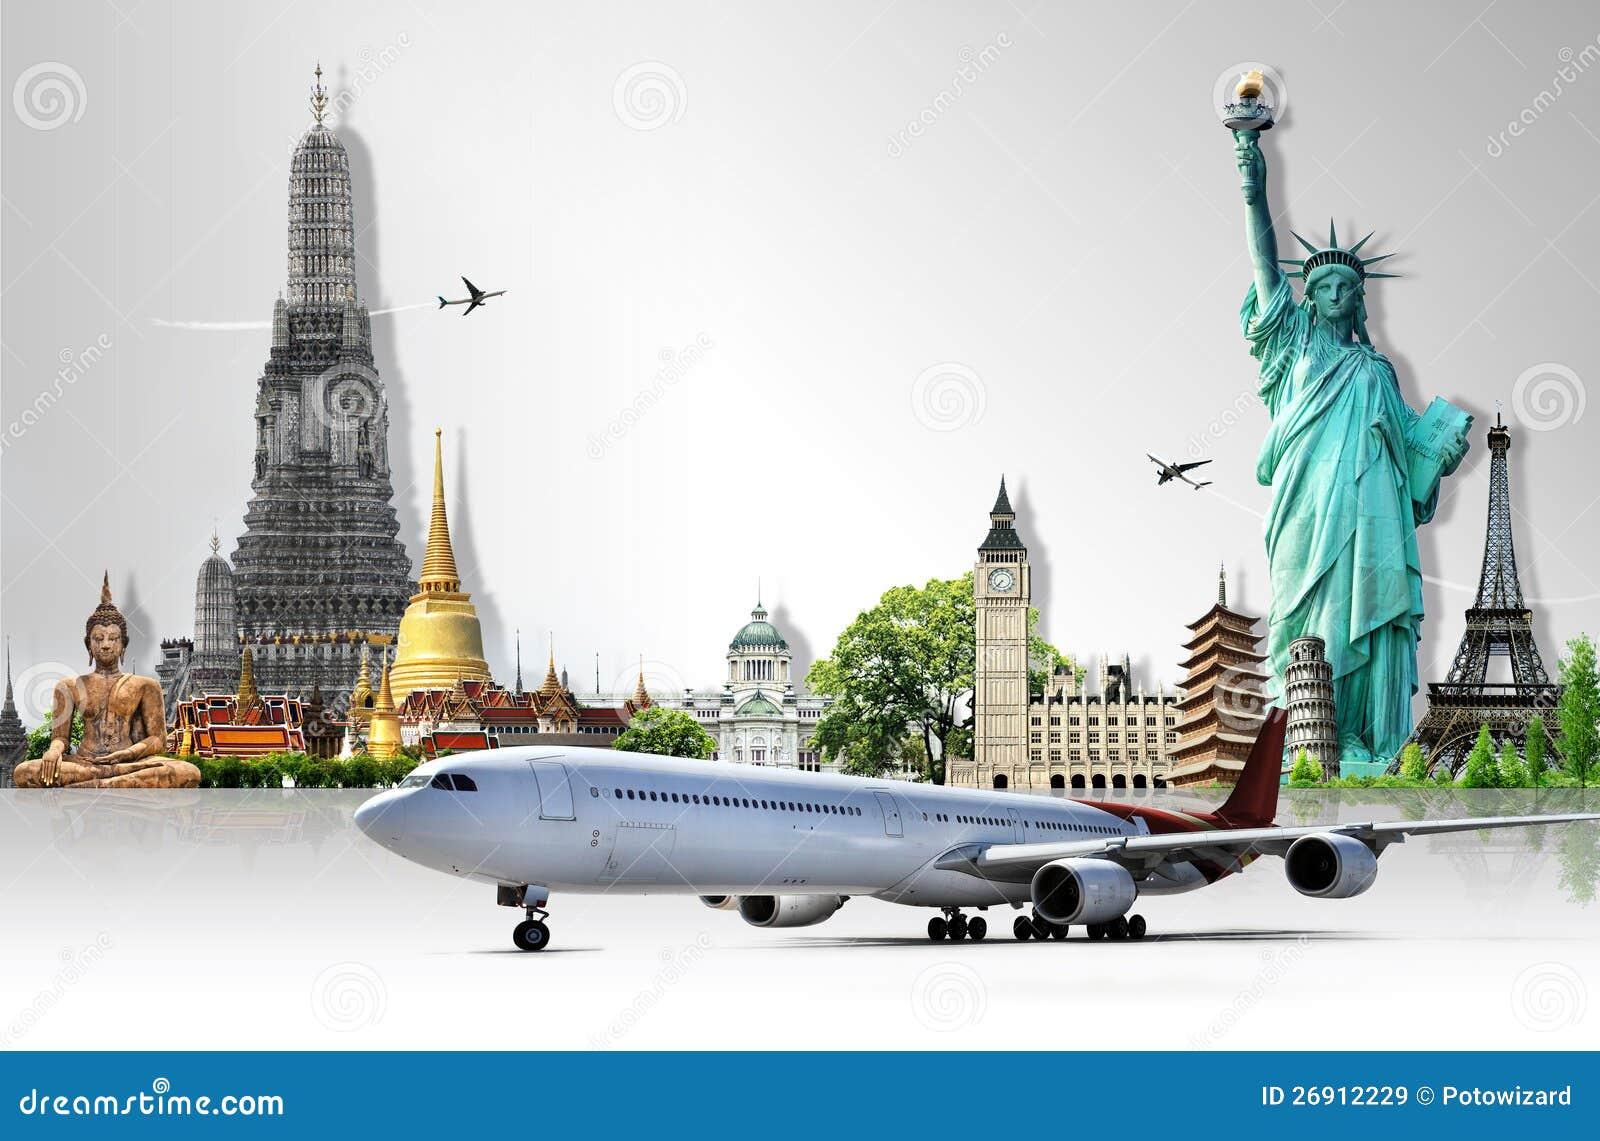 Travel the world stock image. Image of international ...